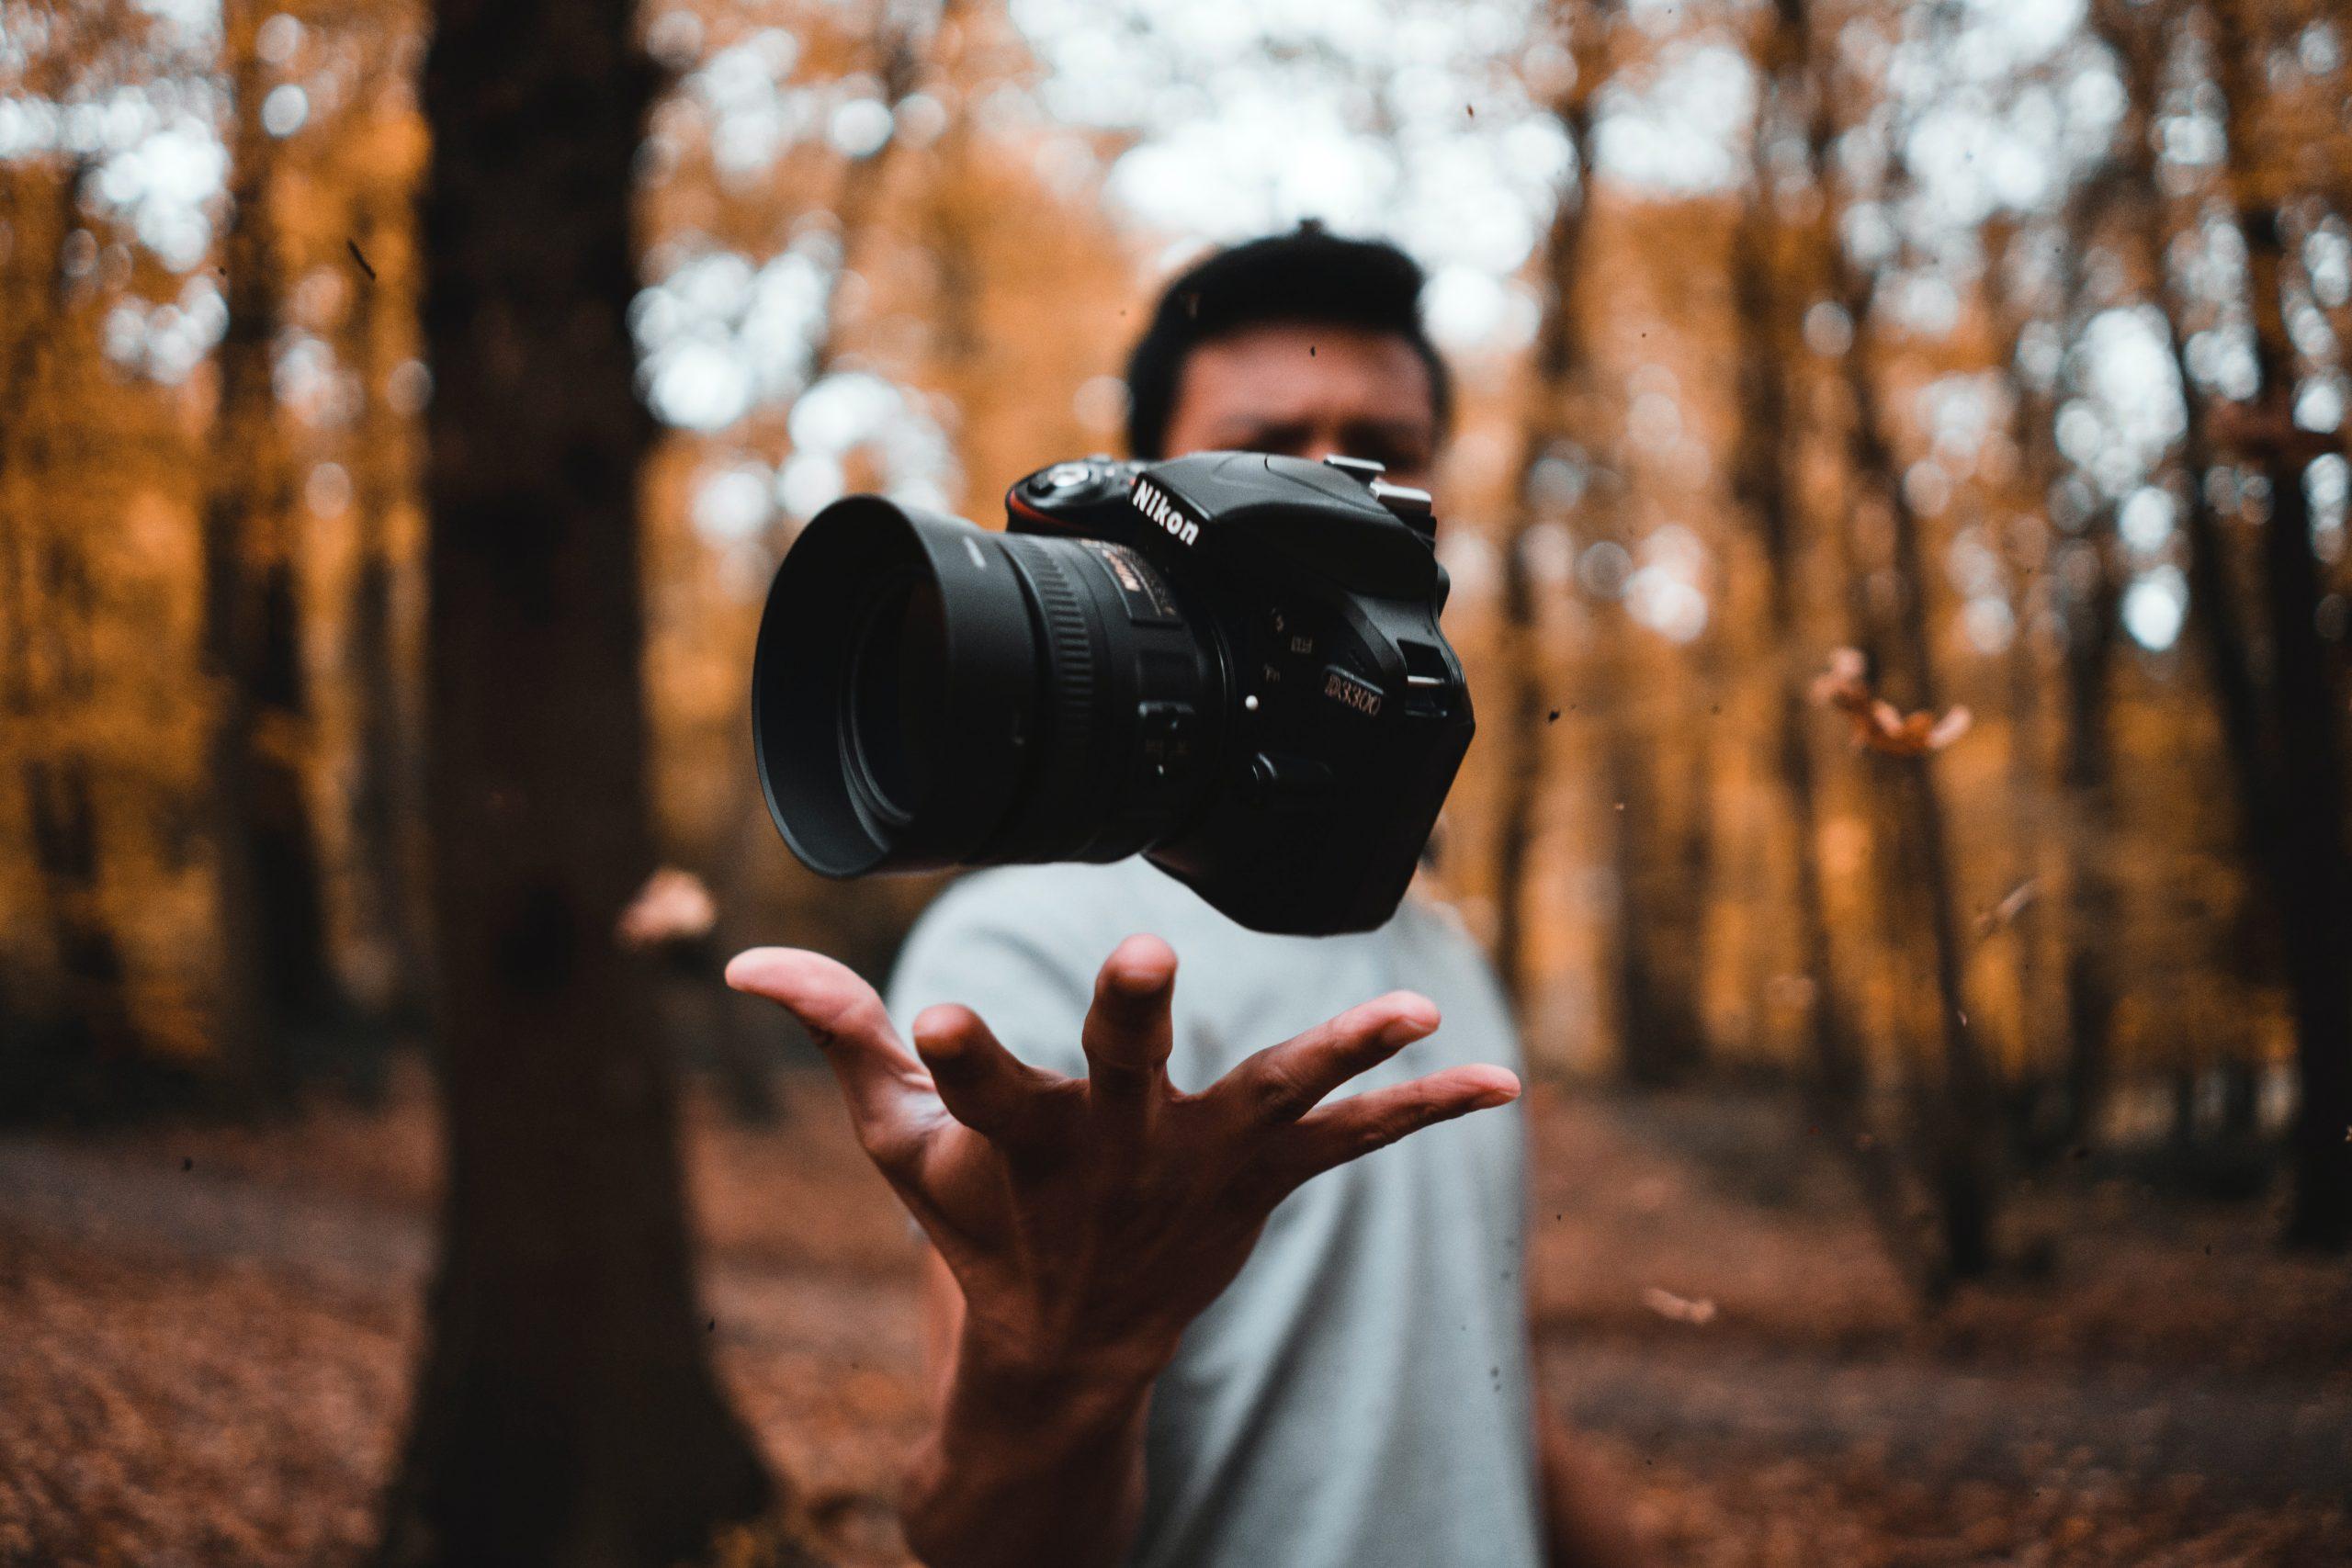 Imagem de um homem segurando uma câmera fotográfica digital.